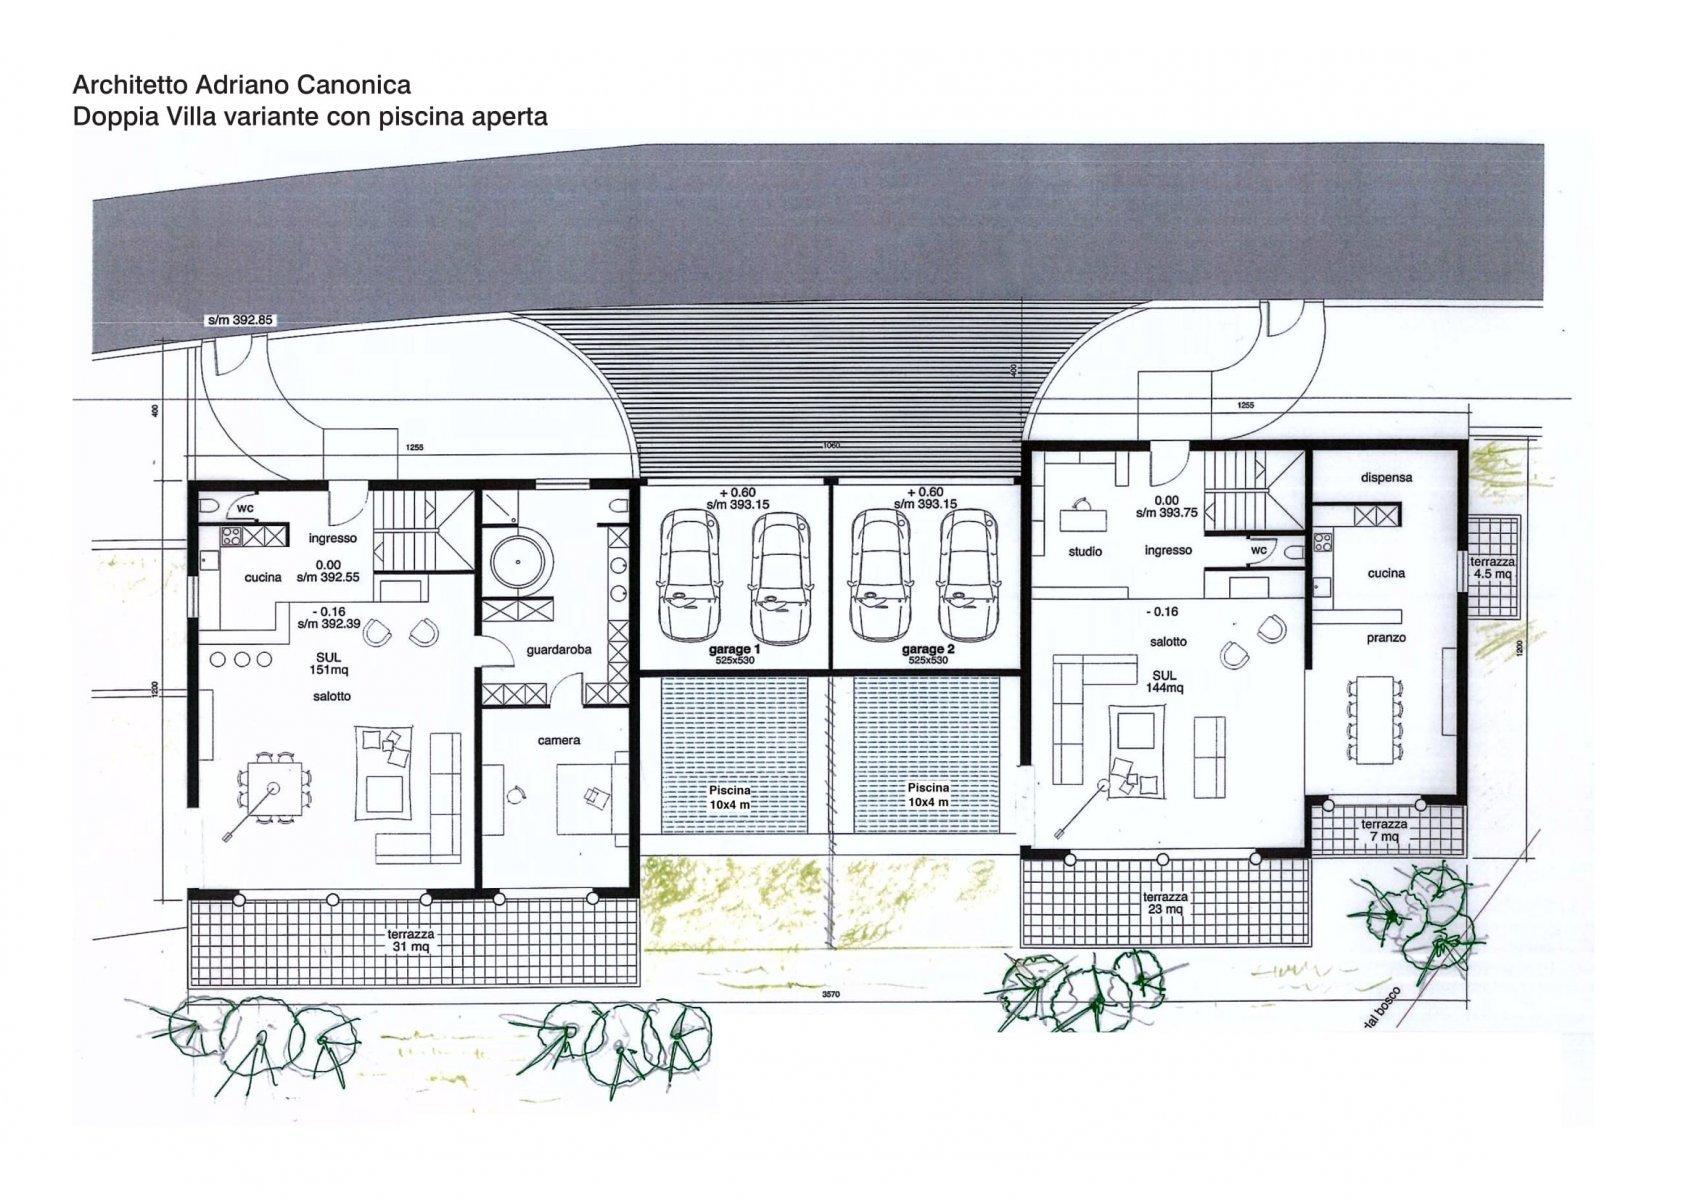 Piano architettonico - variante piscina aperta